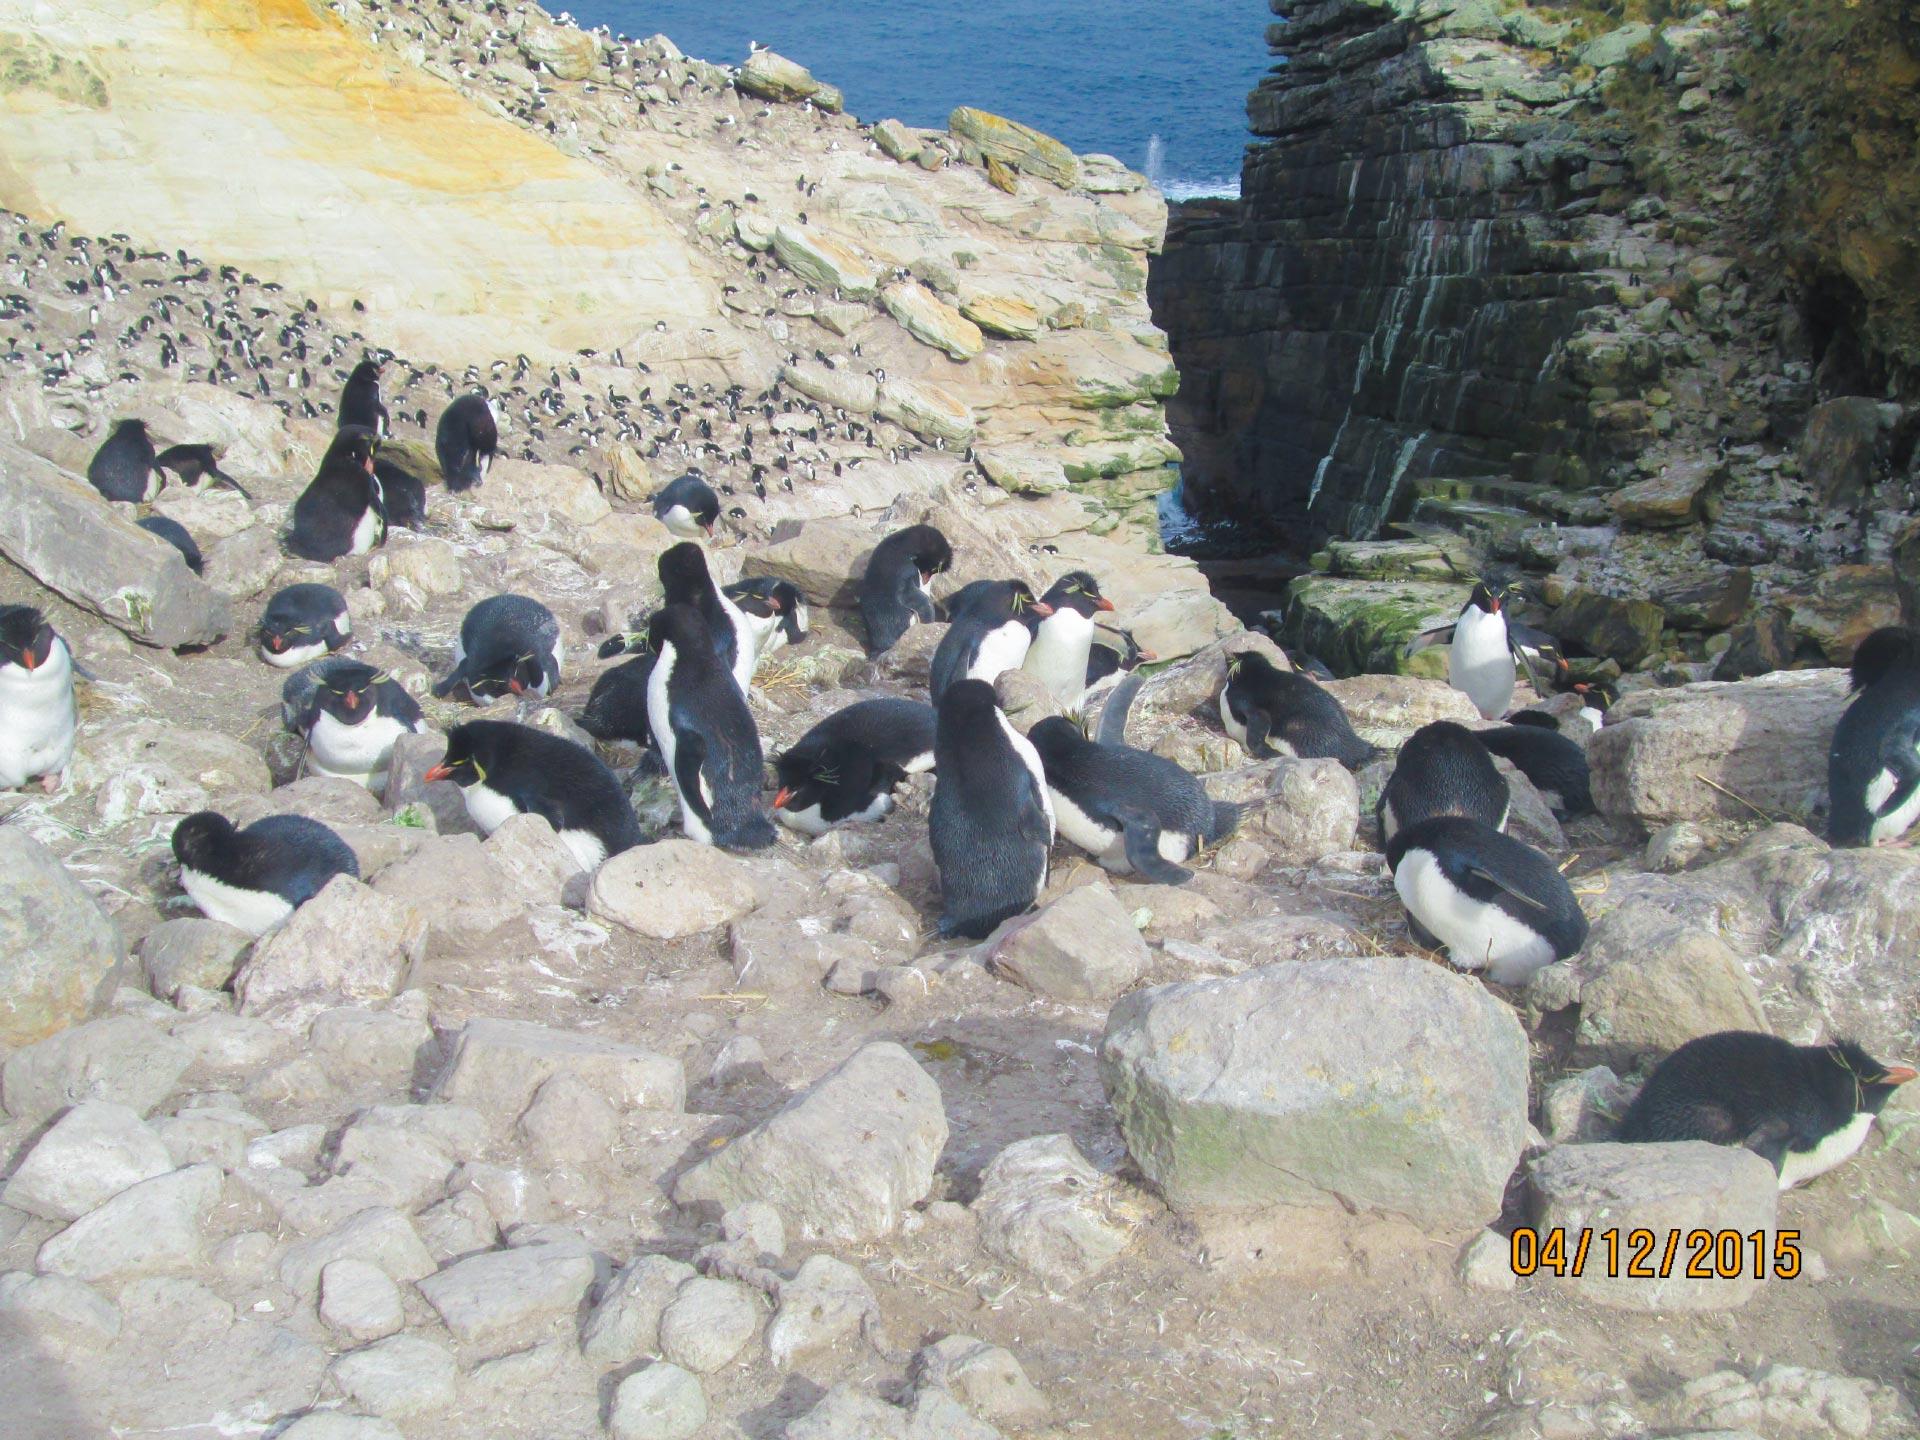 Vögel, Felsen und Meer auf den Falkland Inseln